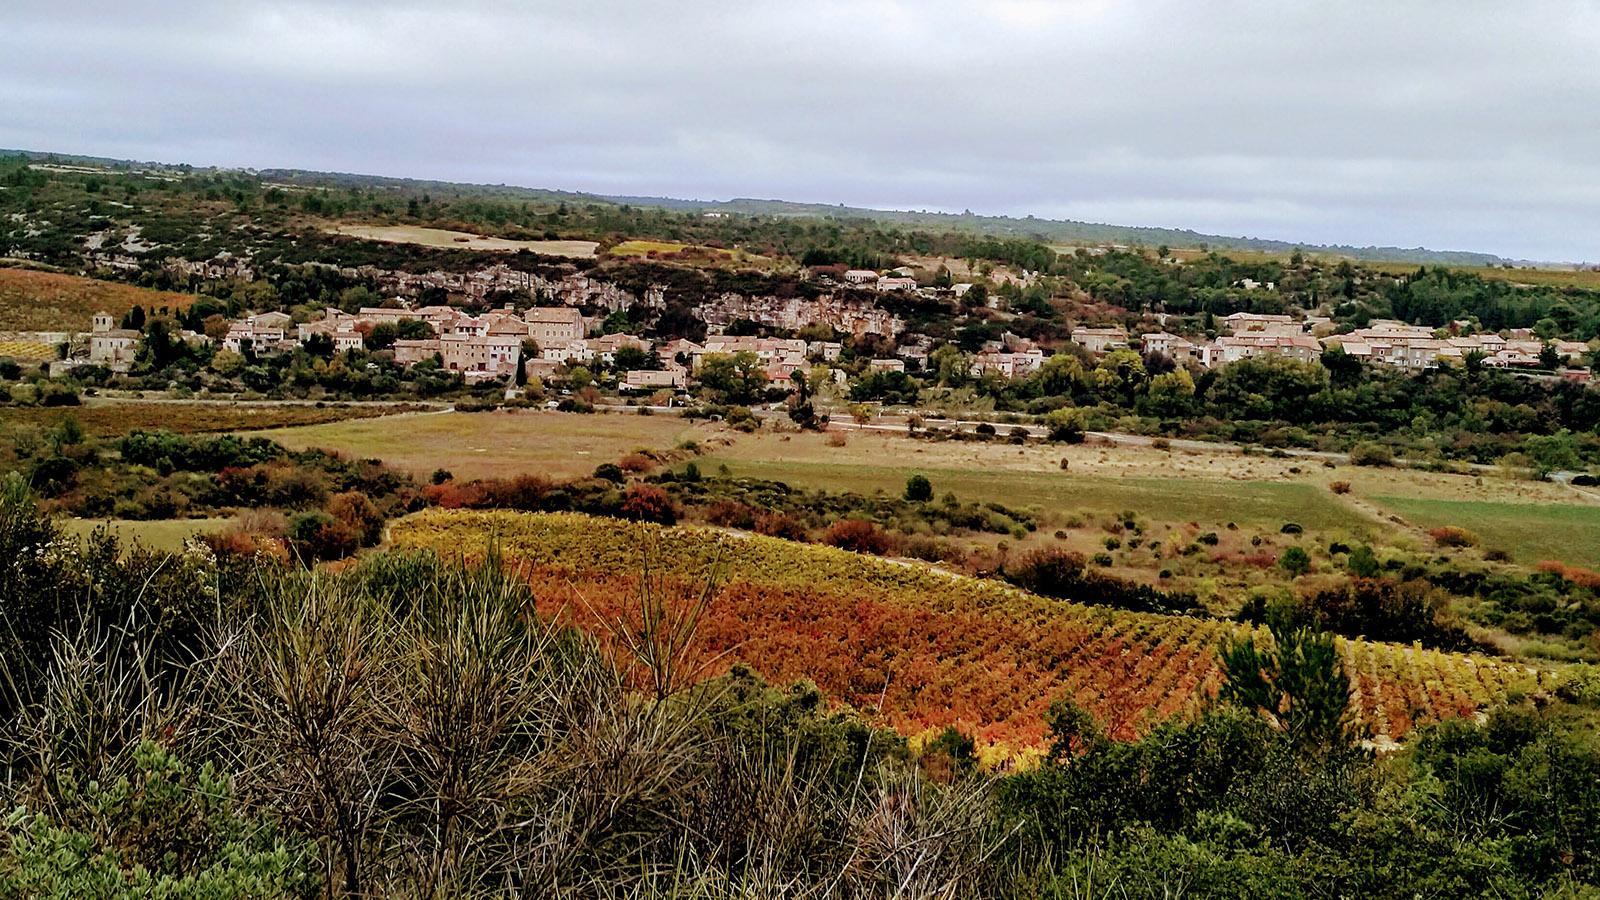 Der Blick auf unser Dorf im Minervois. Foto: Leonore Ander